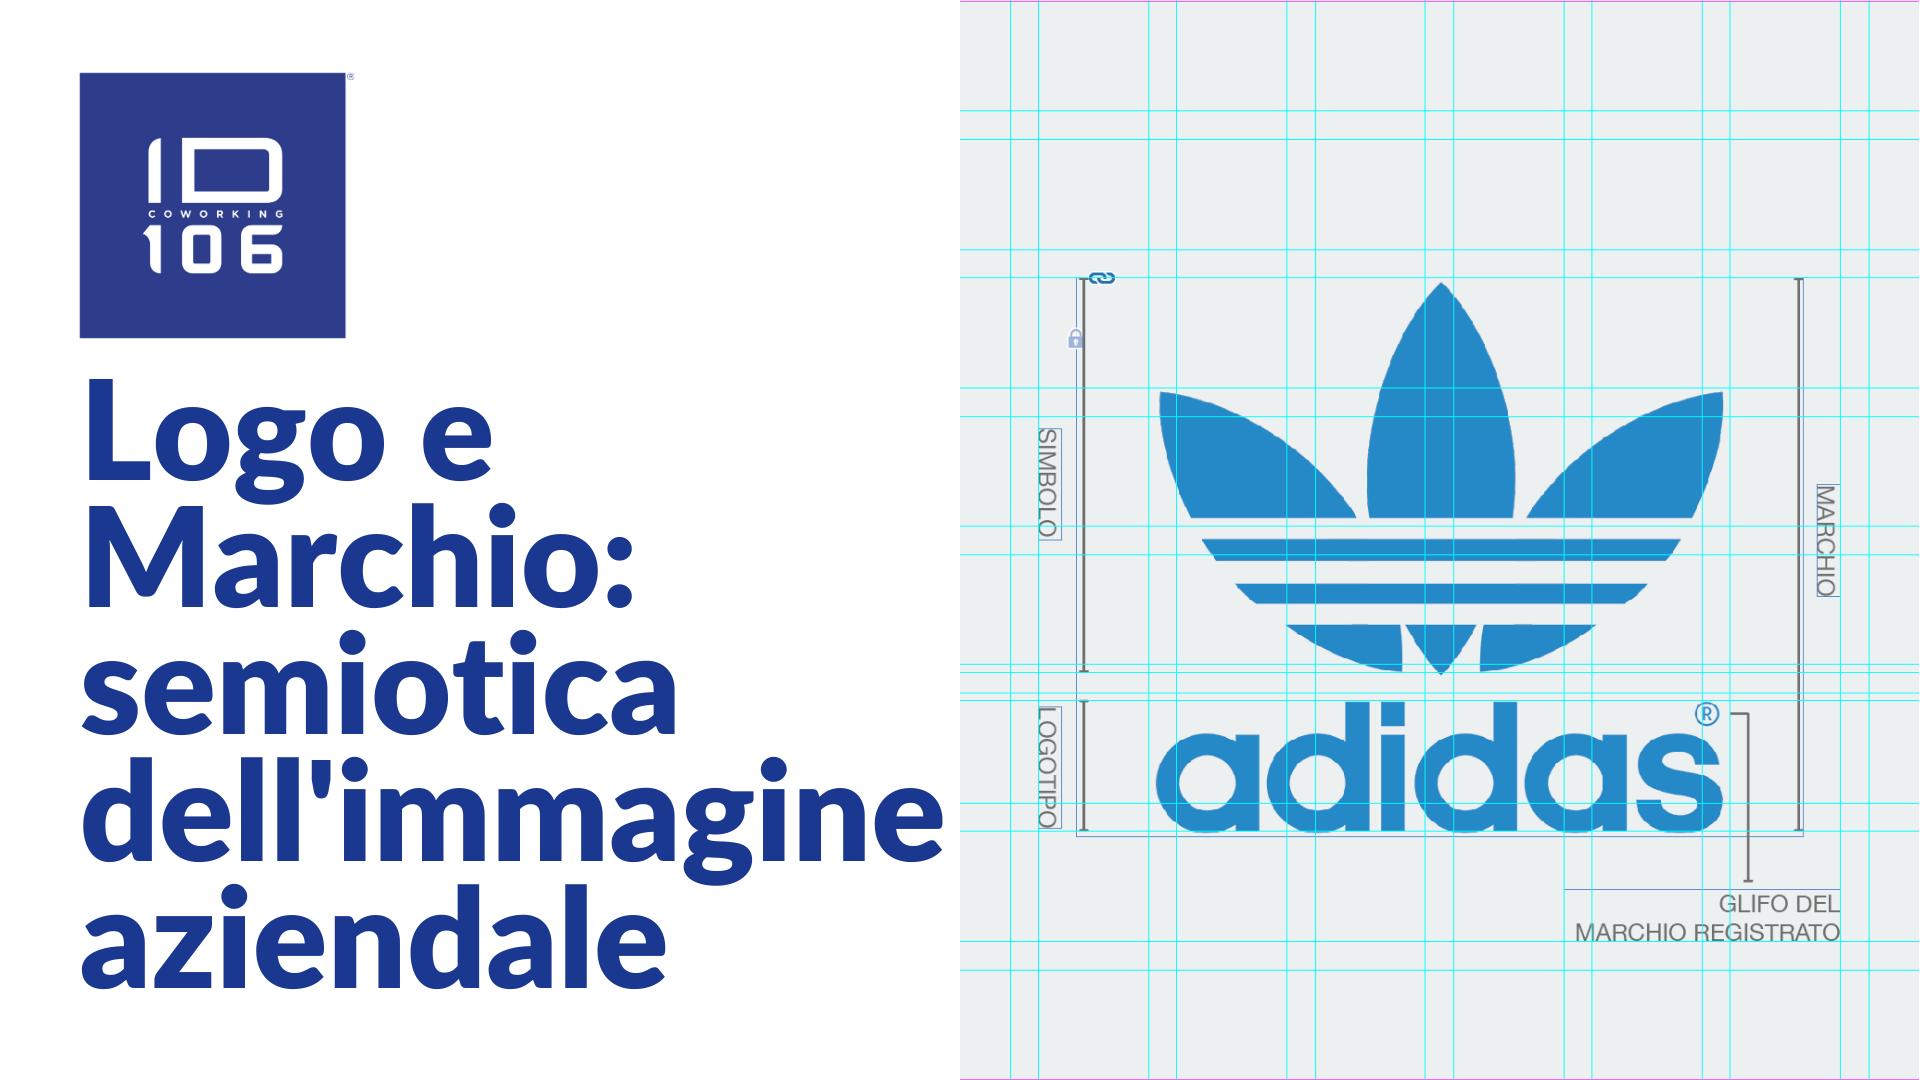 logo-e-marchio-semiotica-immagine-aziendale-startup-id106